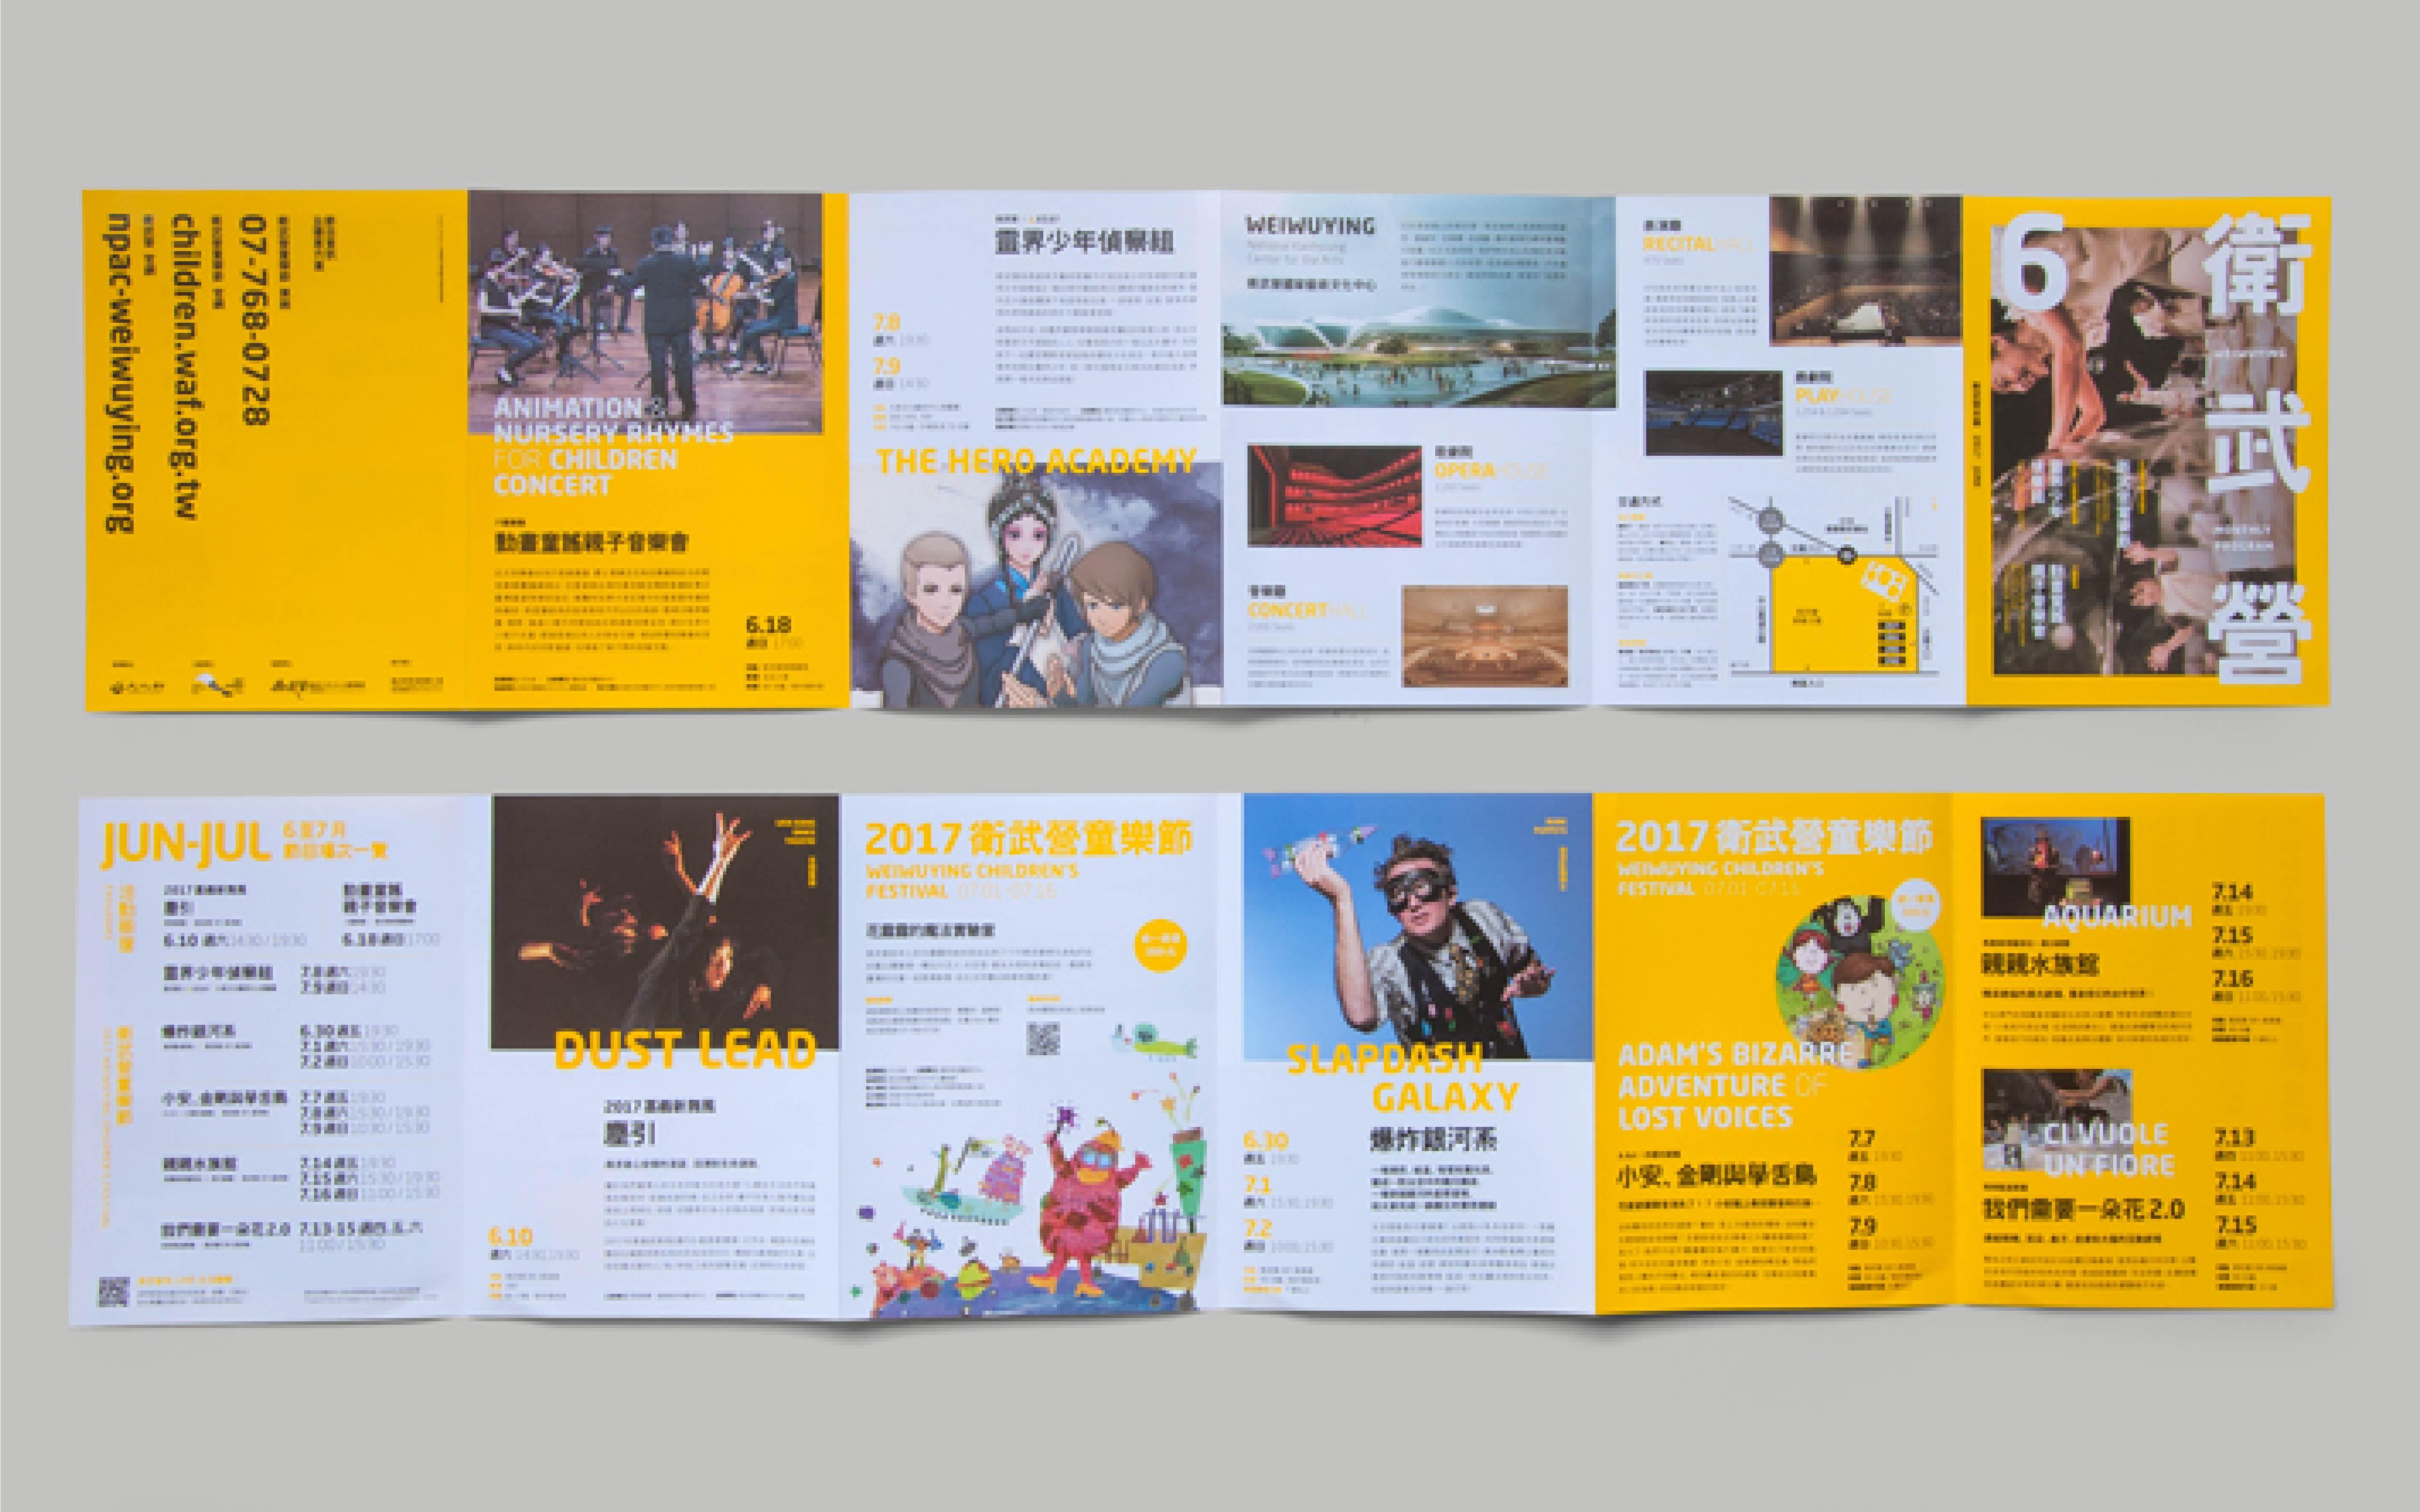 企业内刊说明书影集相册活动手册招商画册创意画册品牌宣传册设计